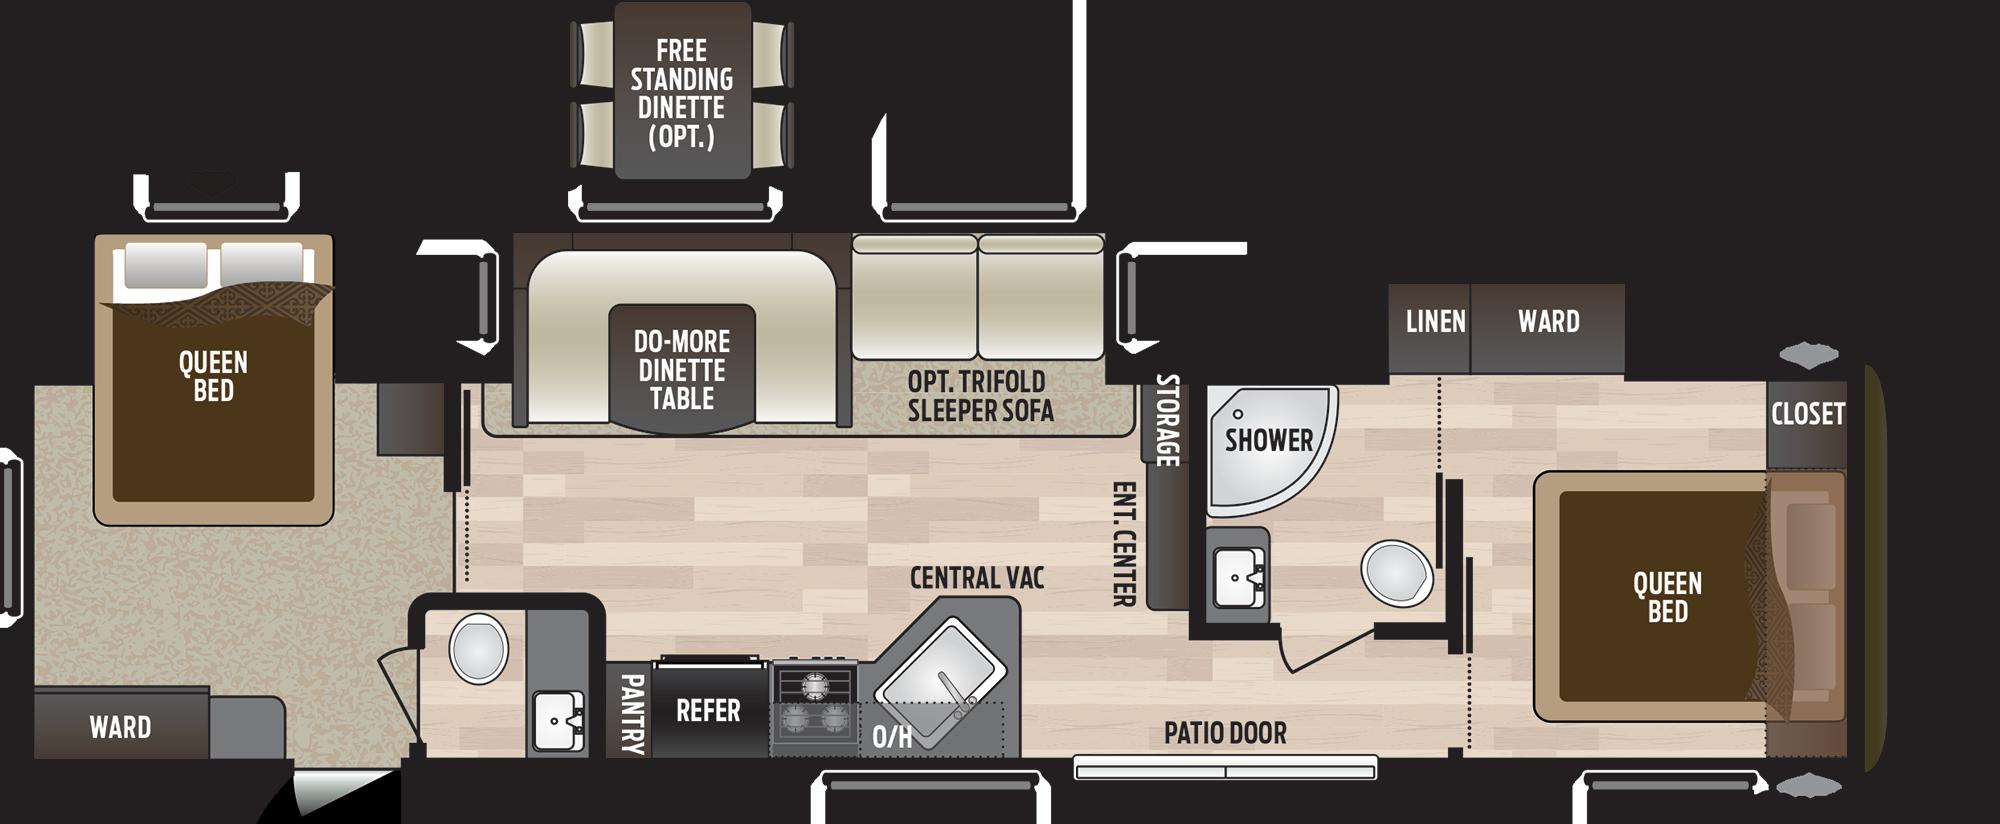 2019 KEYSTONE HIDEOUT 38FQTS (bunks) Floorplan